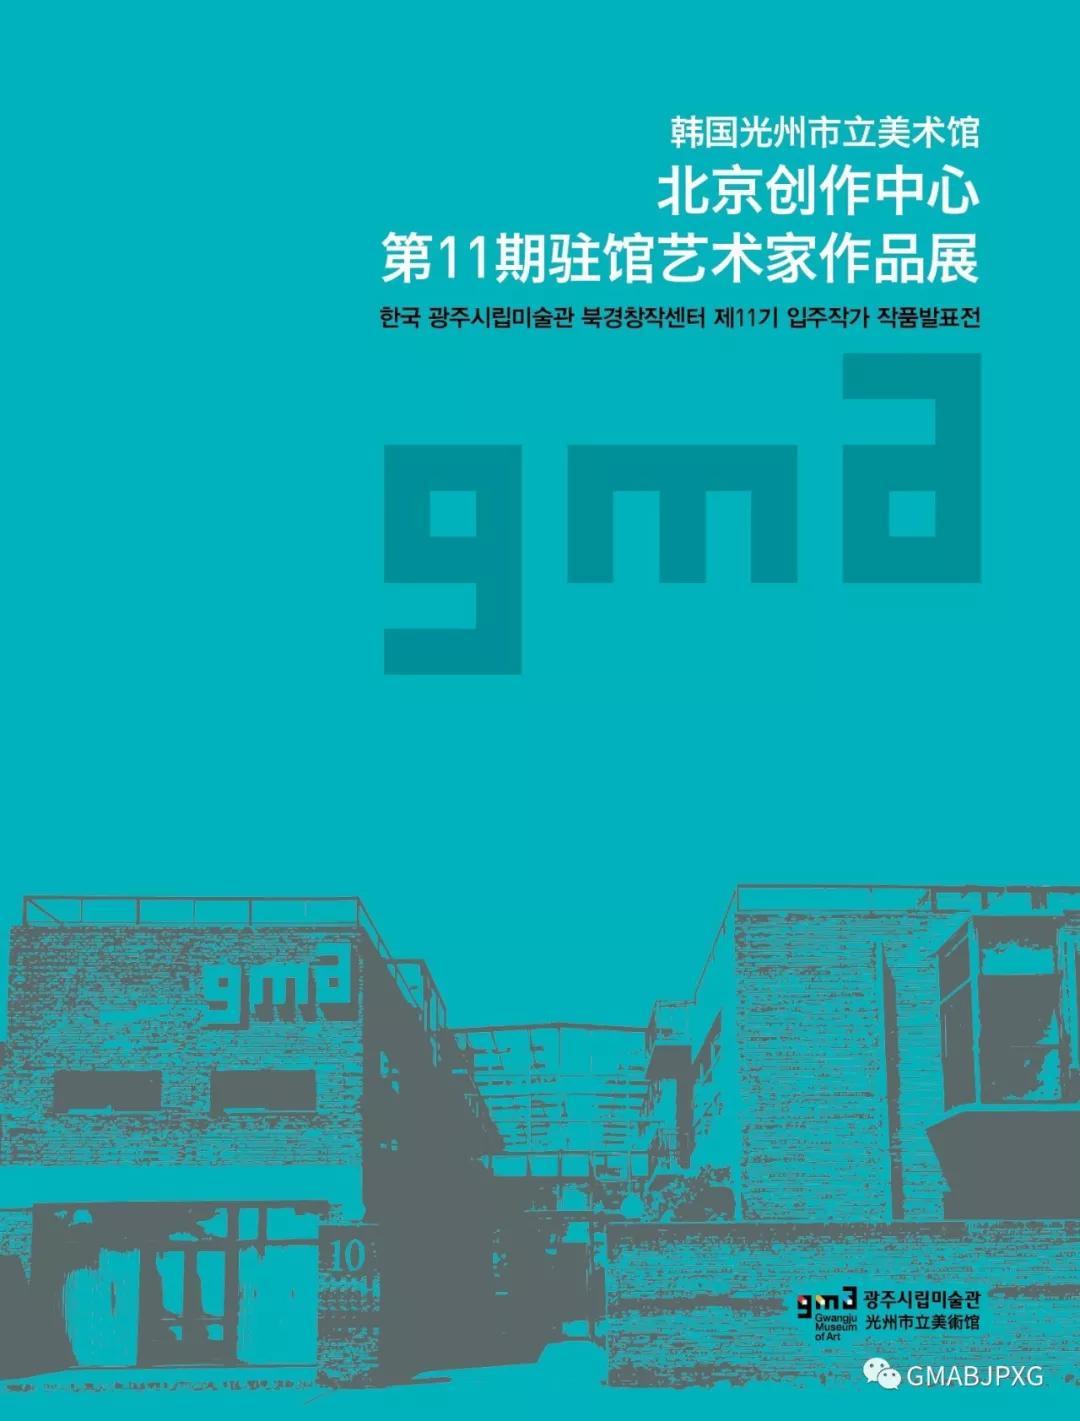 光州市立美术馆北京创作中心驻馆艺术家作品展举行